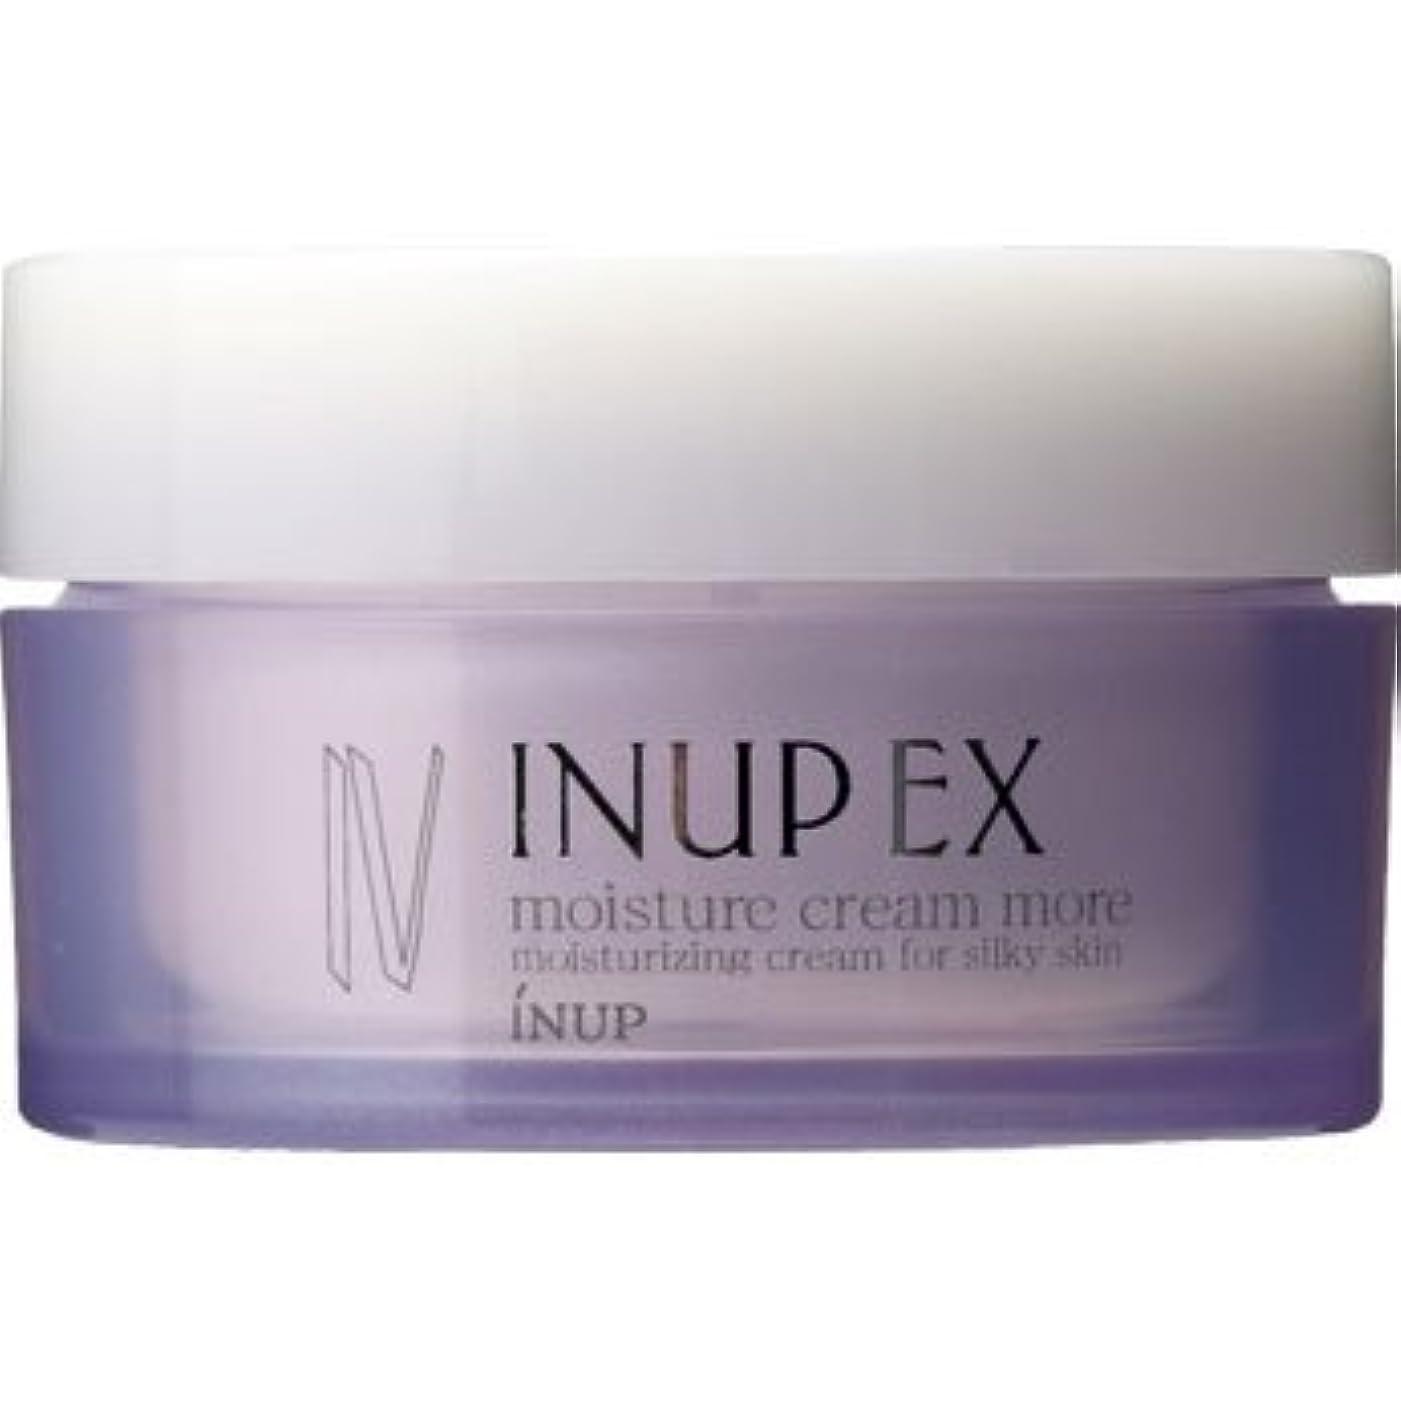 呼び出す皮肉つまずくインナップEX 保湿クリーム (潤い効果アップ) モイスチャークリーム MD (スパチュラ付)[弱酸性] 30g